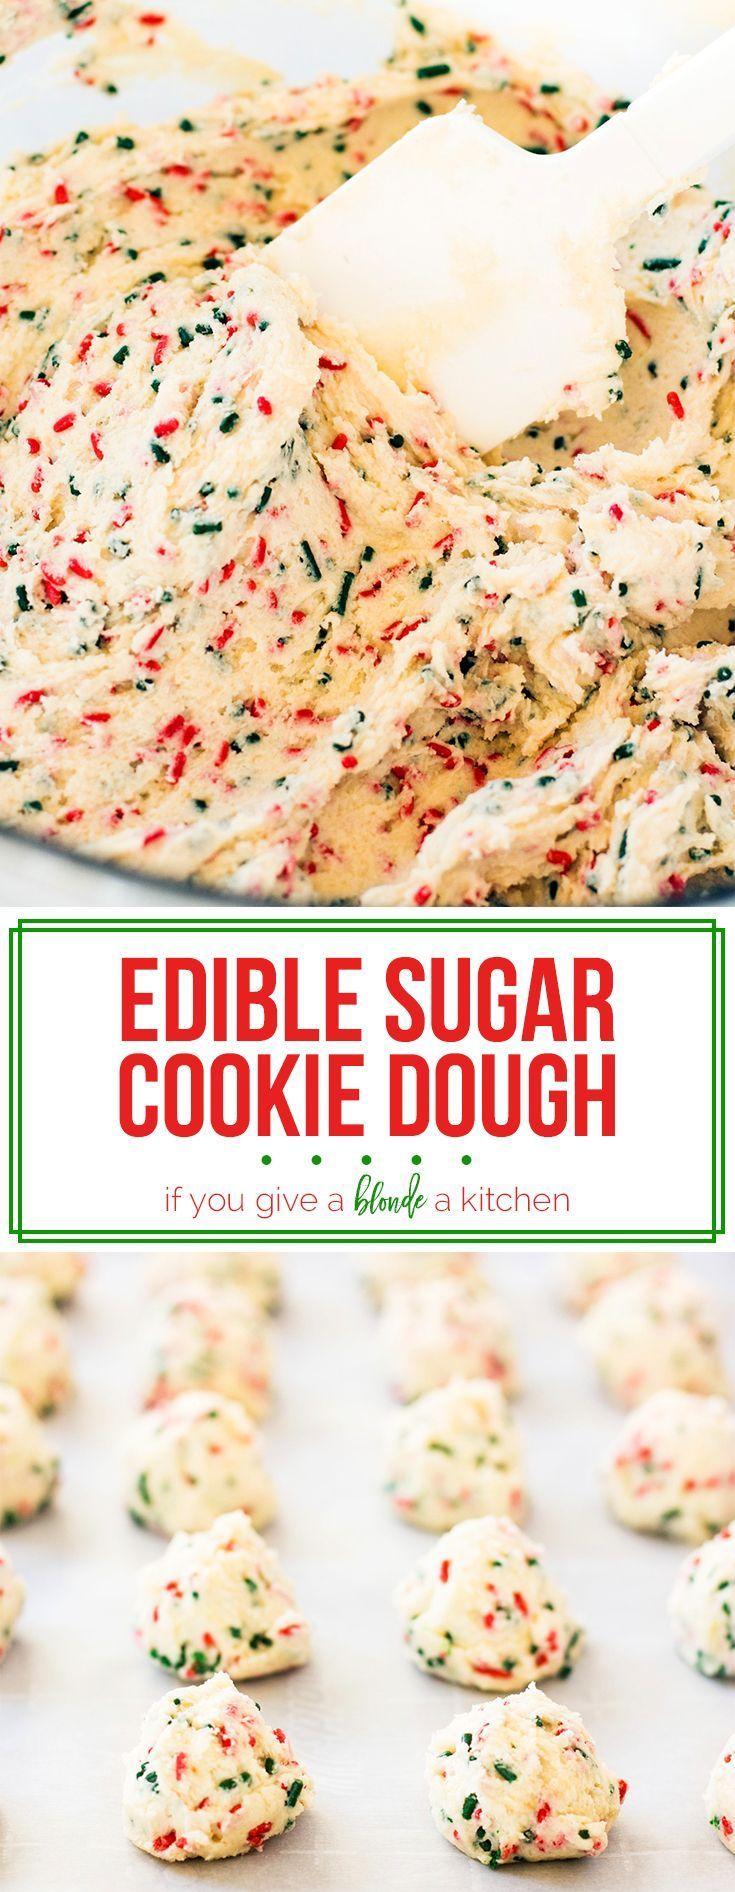 Edible Sugar Cookie Dough Recipe Edible Sugar Cookie Dough